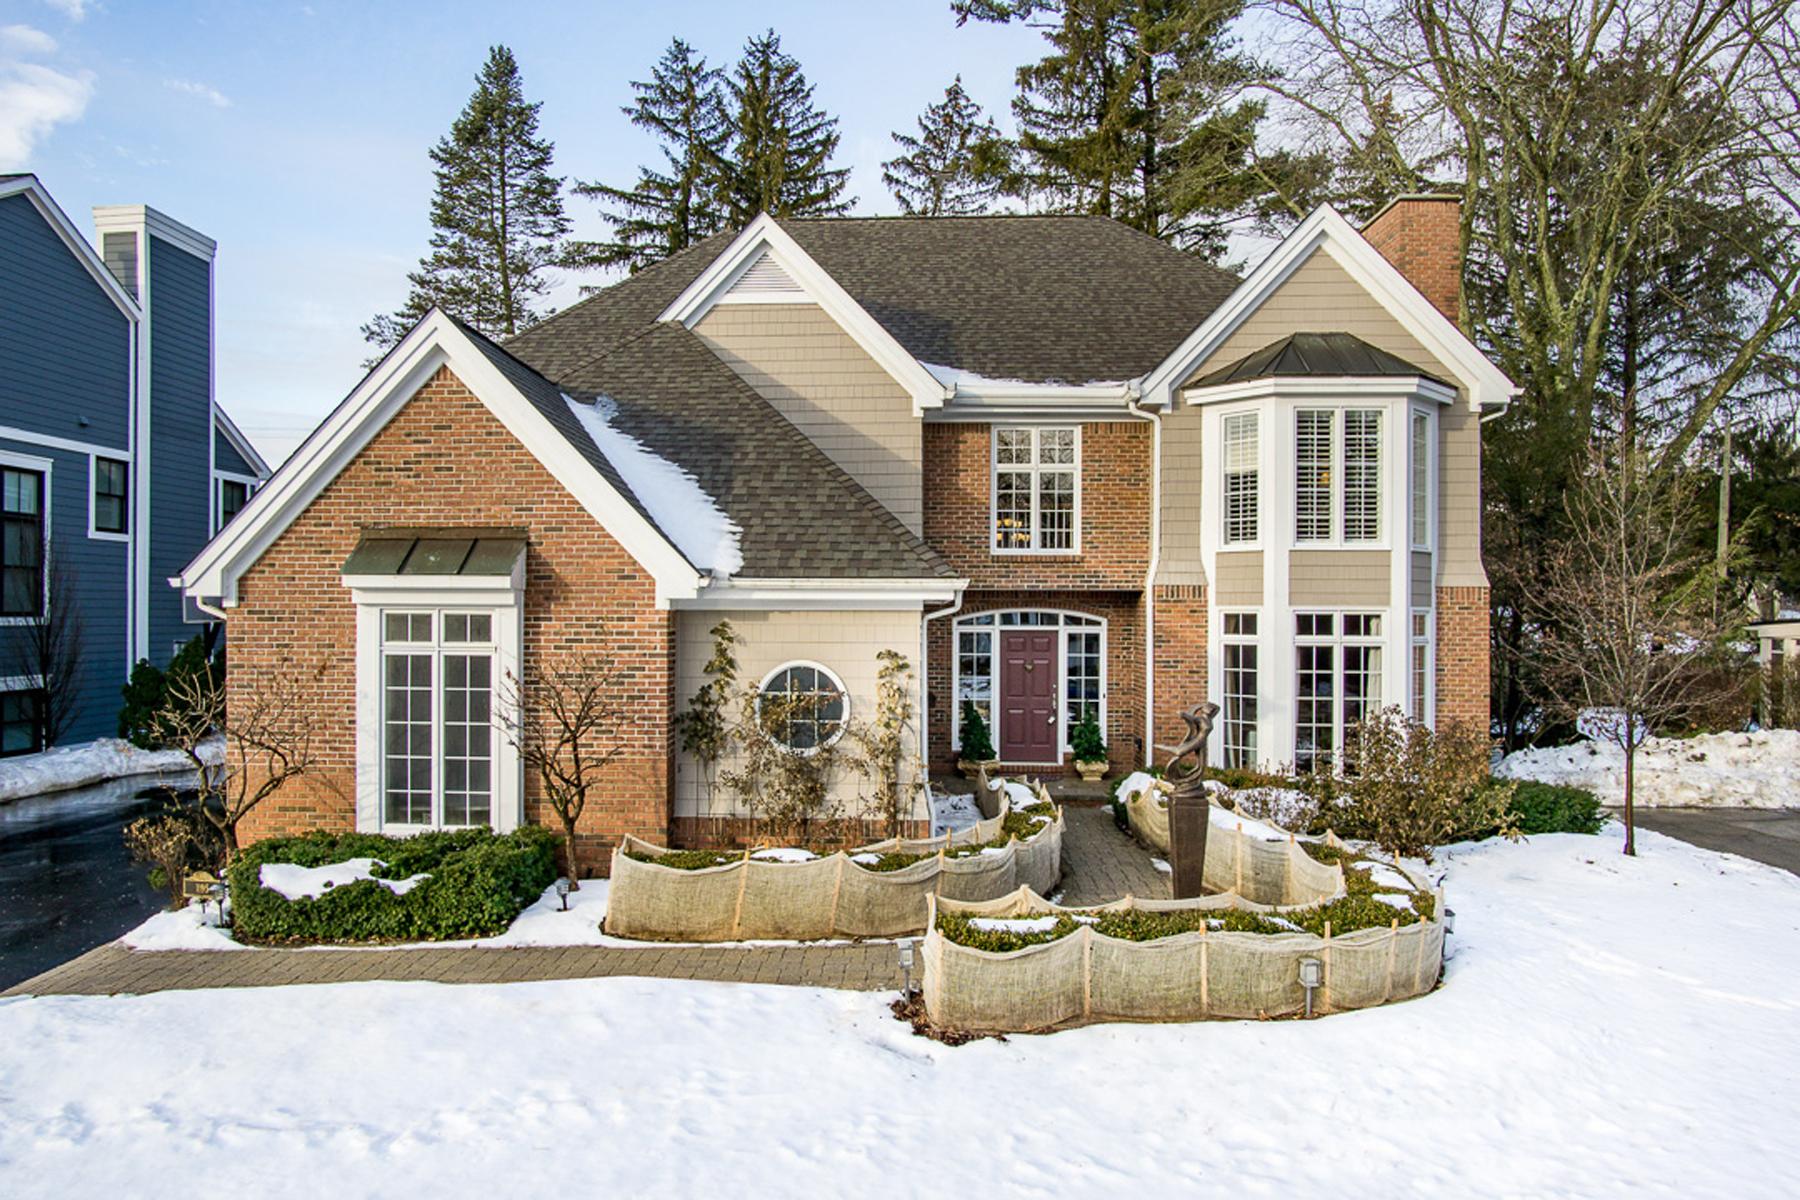 Maison unifamiliale pour l Vente à Birmingham 1195 Fairfax Street, Birmingham, Michigan, 48009 États-Unis